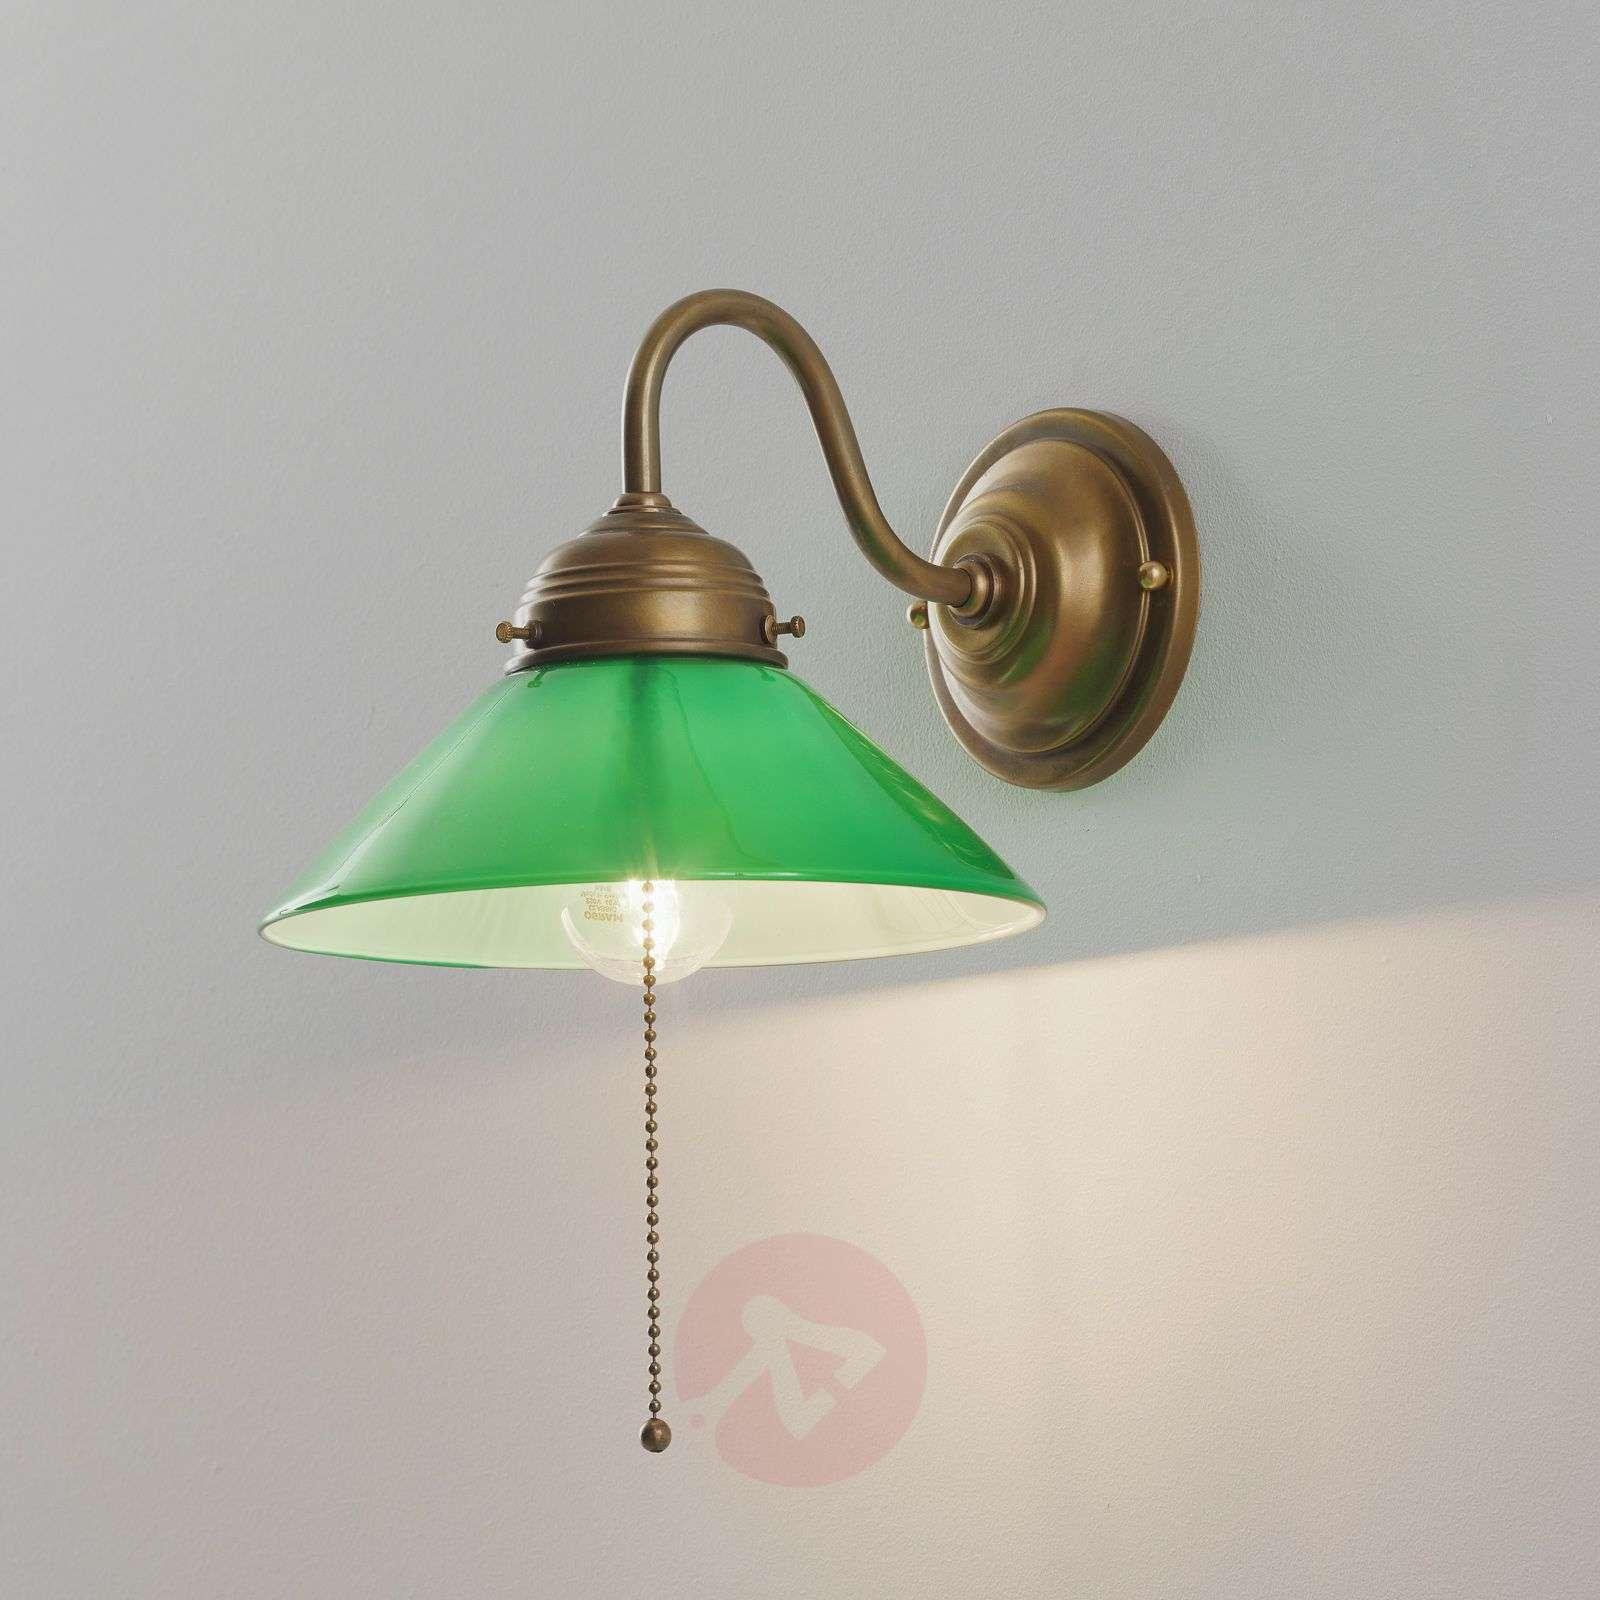 KONRAD-seinävalaisin vihreällä lasivarjostimella-1542032-01